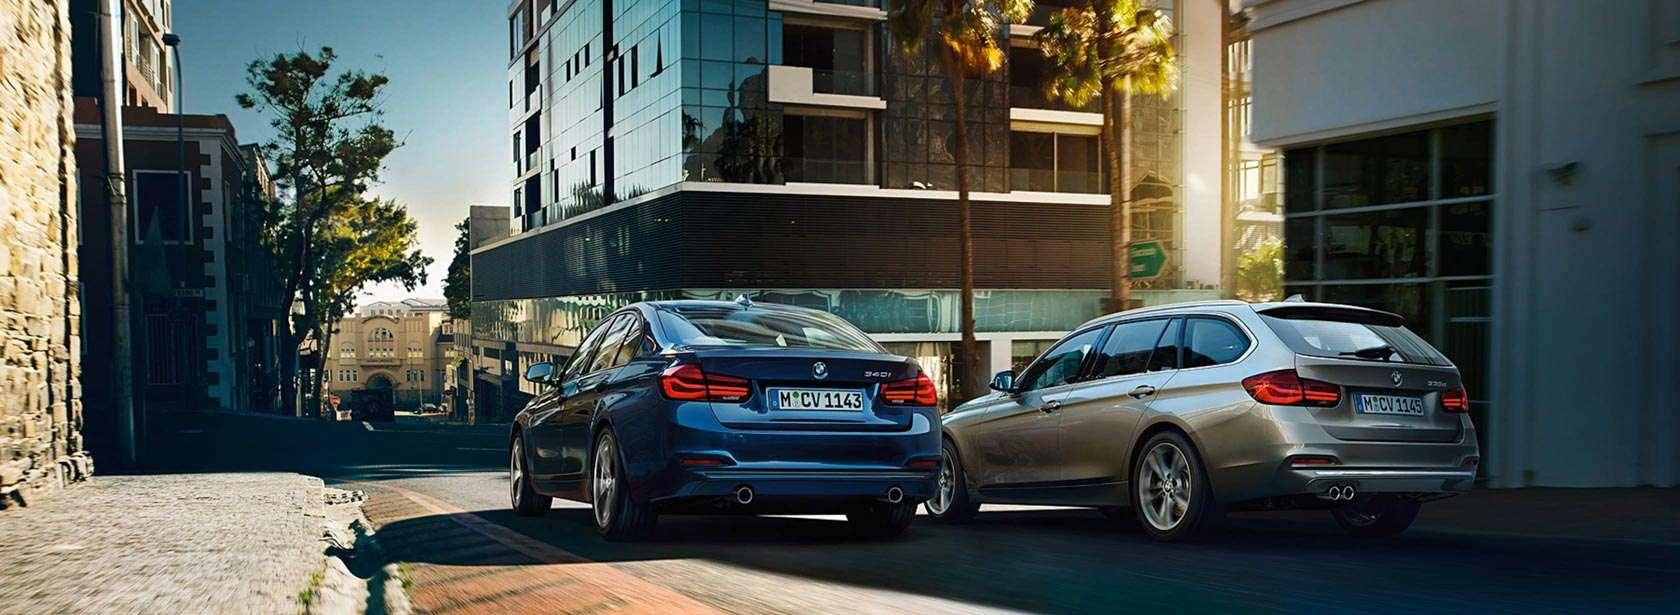 Aktualne oferty BMW zawsze zawiera ciekawe okazje. Dwa samochody BMW w przestrzeni miejskiej.